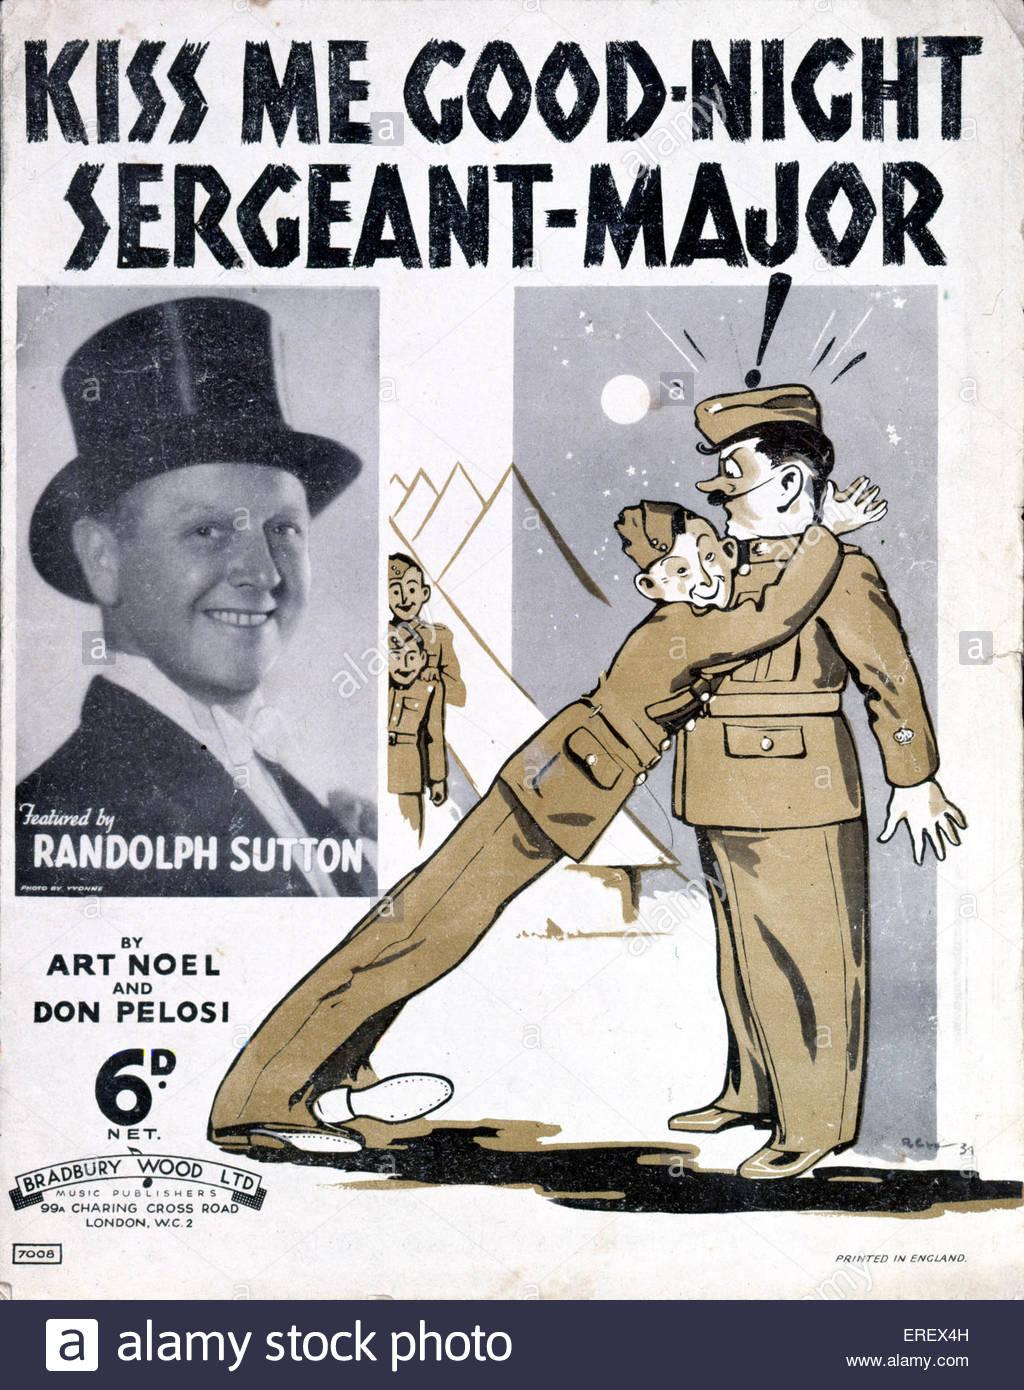 """""""Kiss Me Good-Night-Sergeant-Major"""" - Abdeckung zu erzielen. Dem 2. Weltkrieg. Lied von Art Noel und Dan Stockbild"""